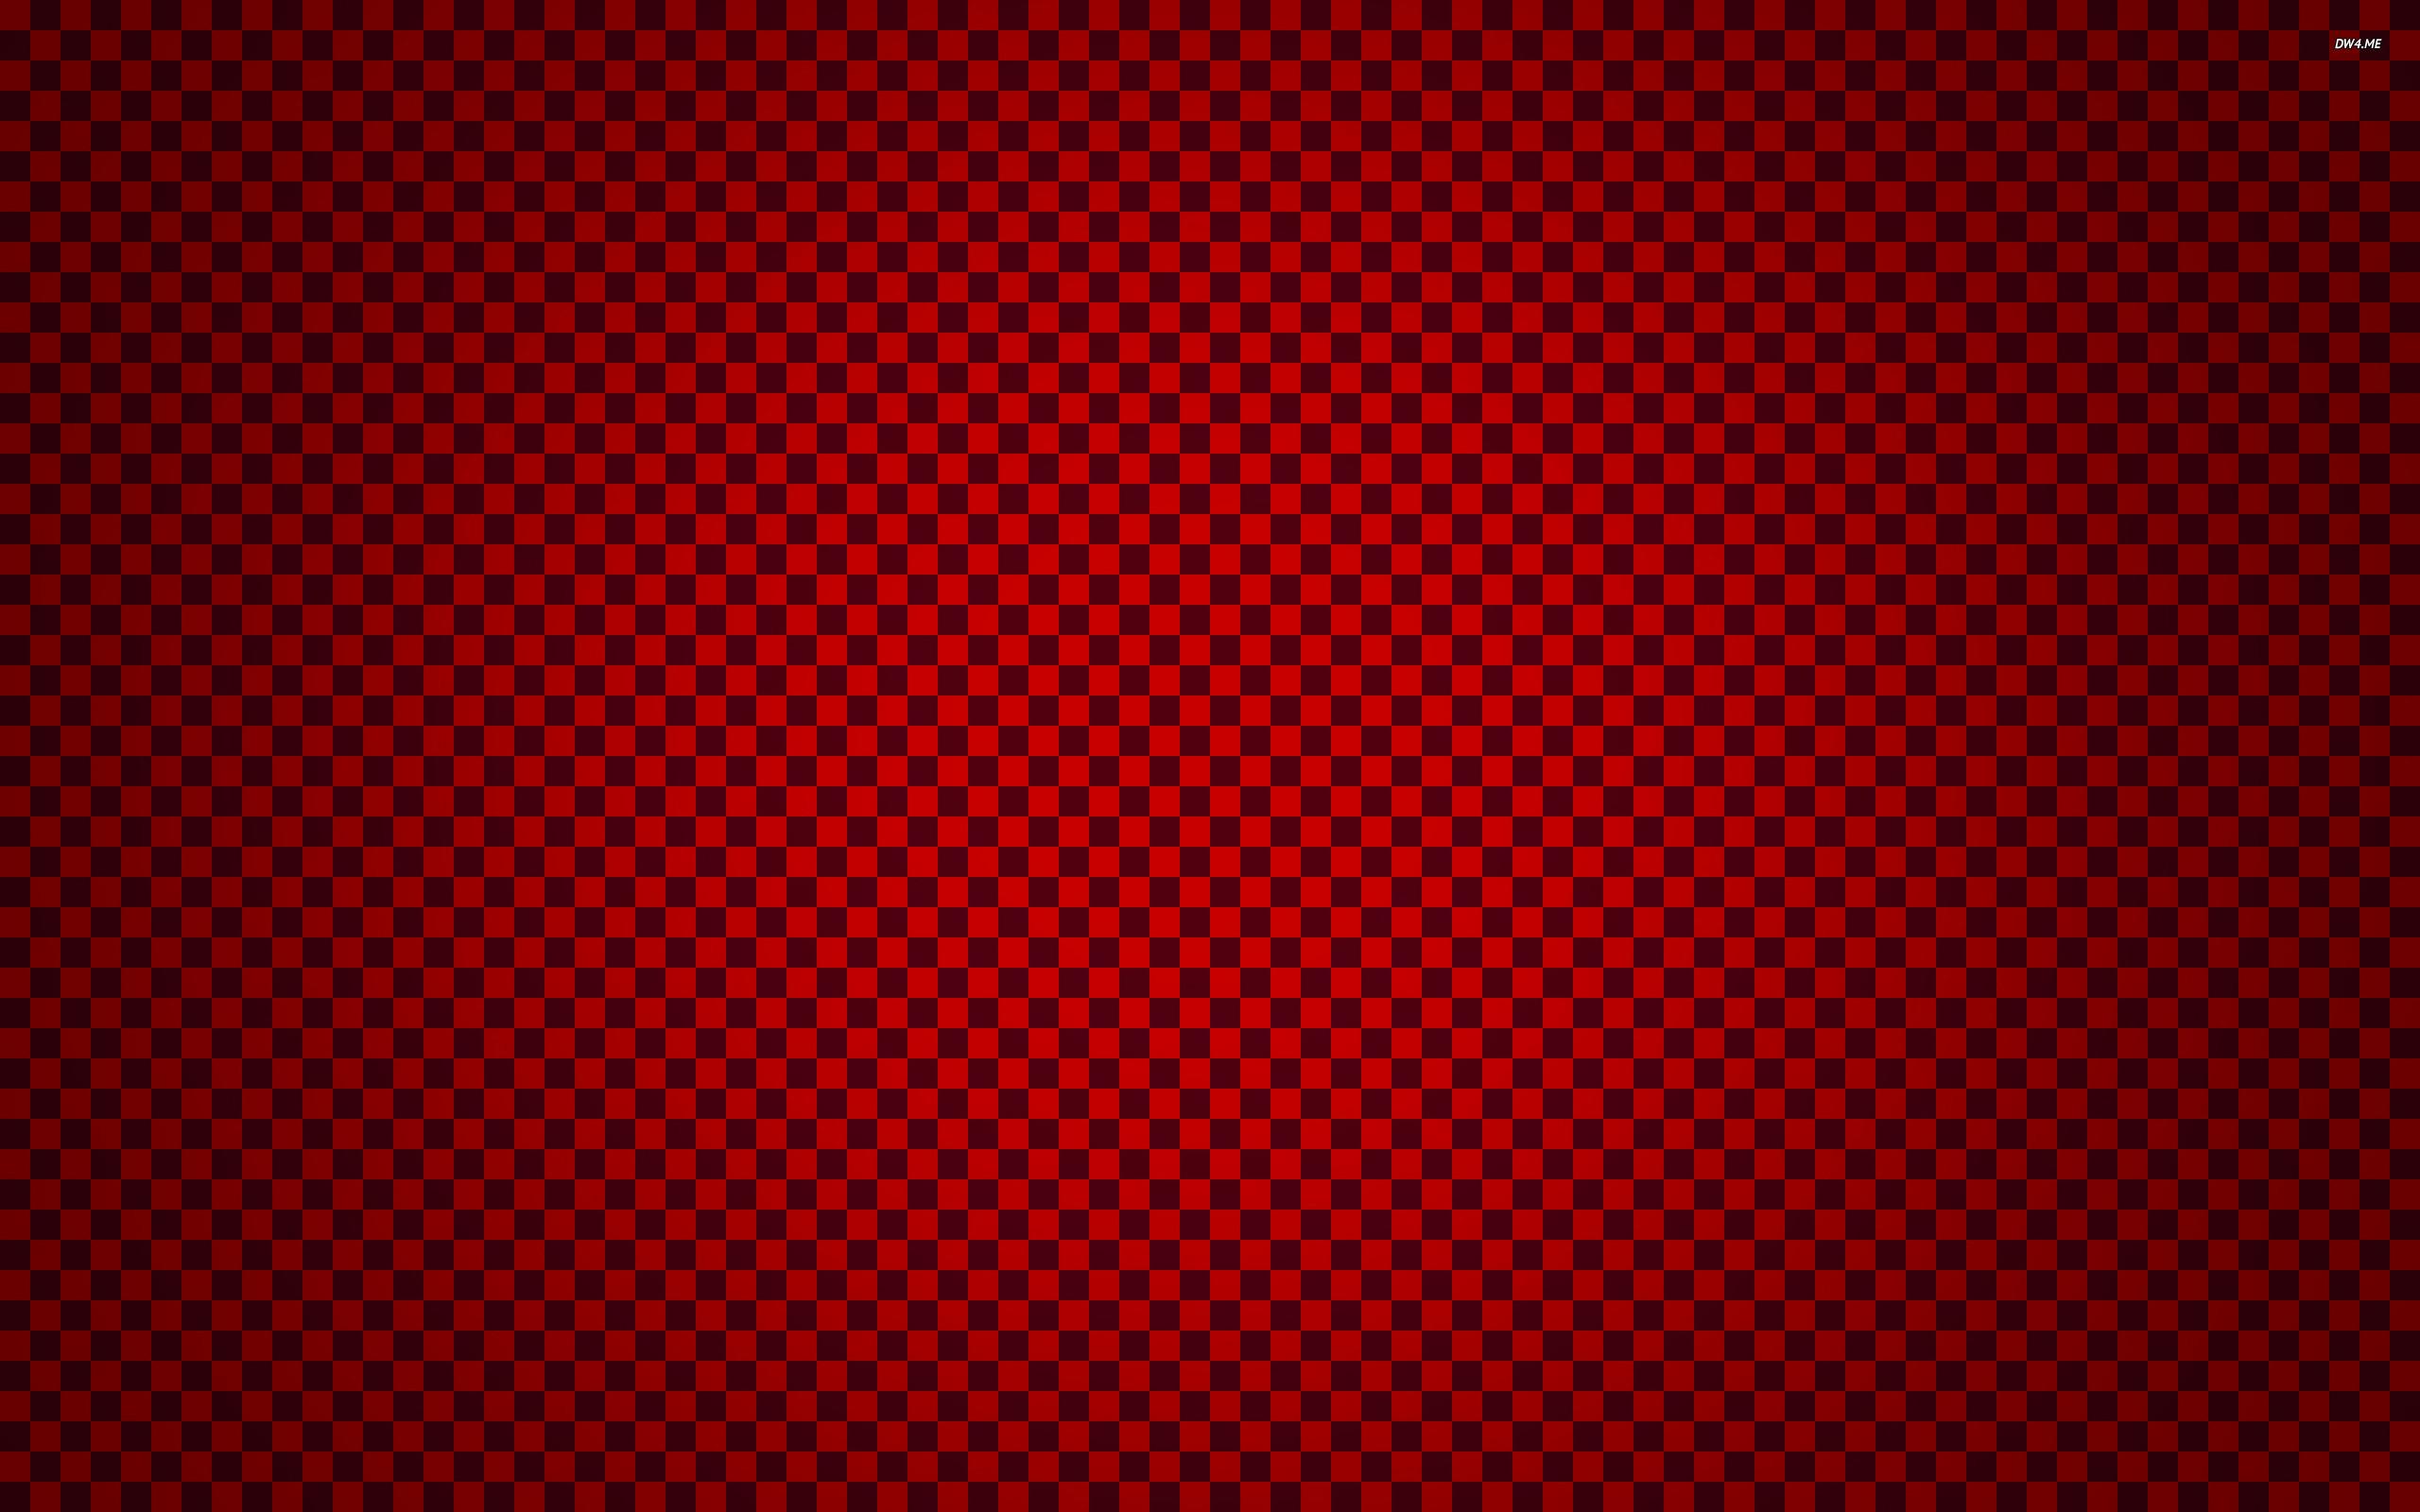 hd carbon fiber wallpaper 79 images. Black Bedroom Furniture Sets. Home Design Ideas